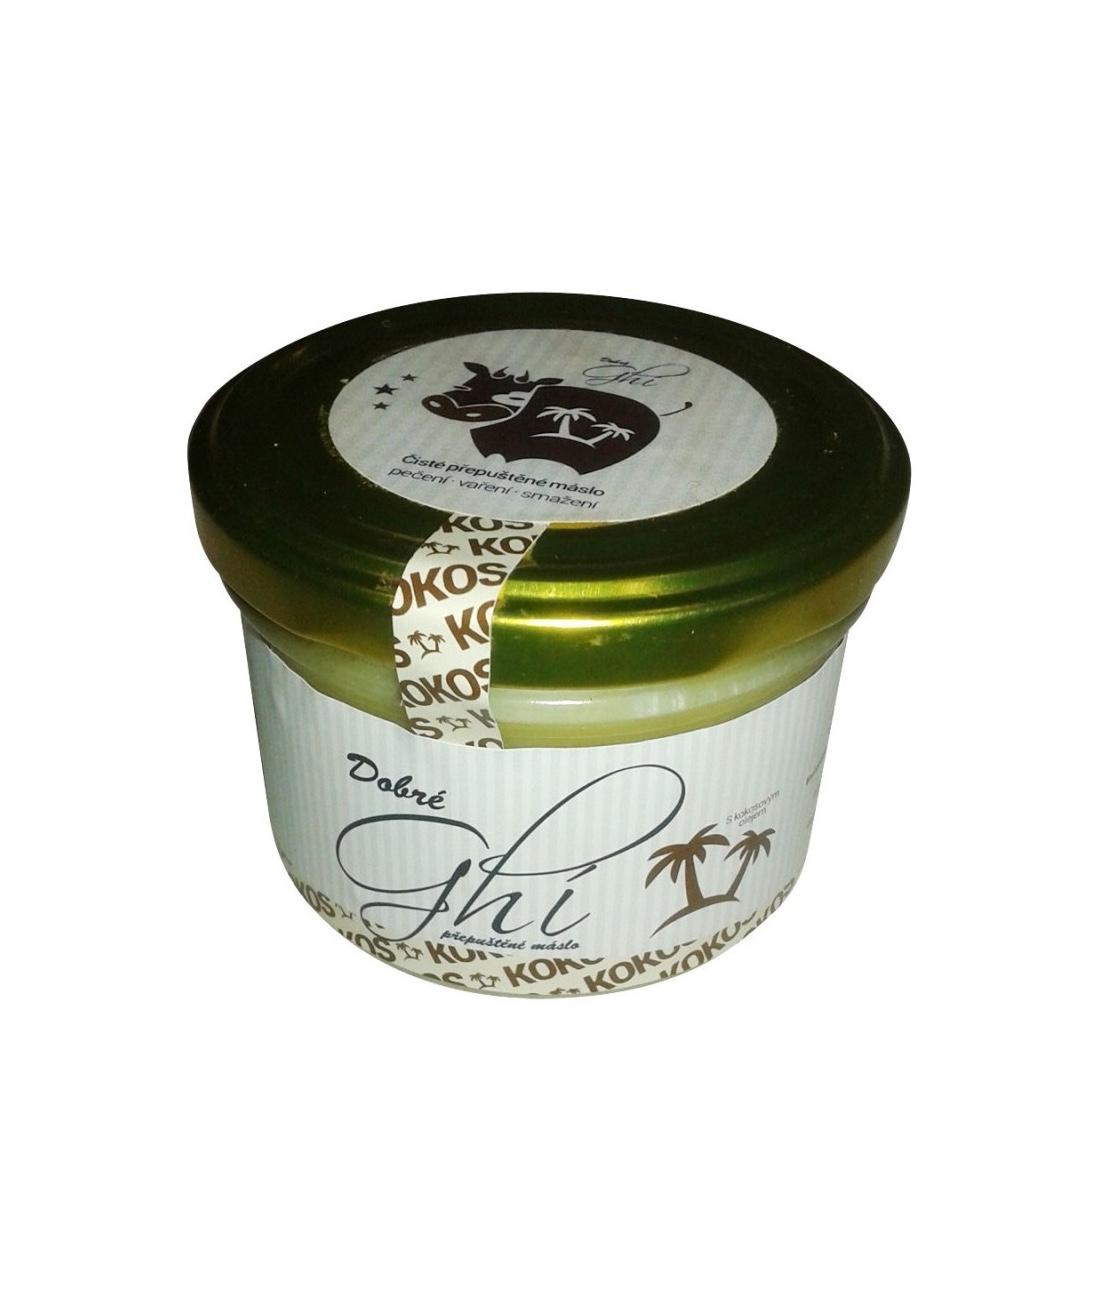 Dobré Ghí - přepuštěné máslo s kokosovým olejem, 220 ml